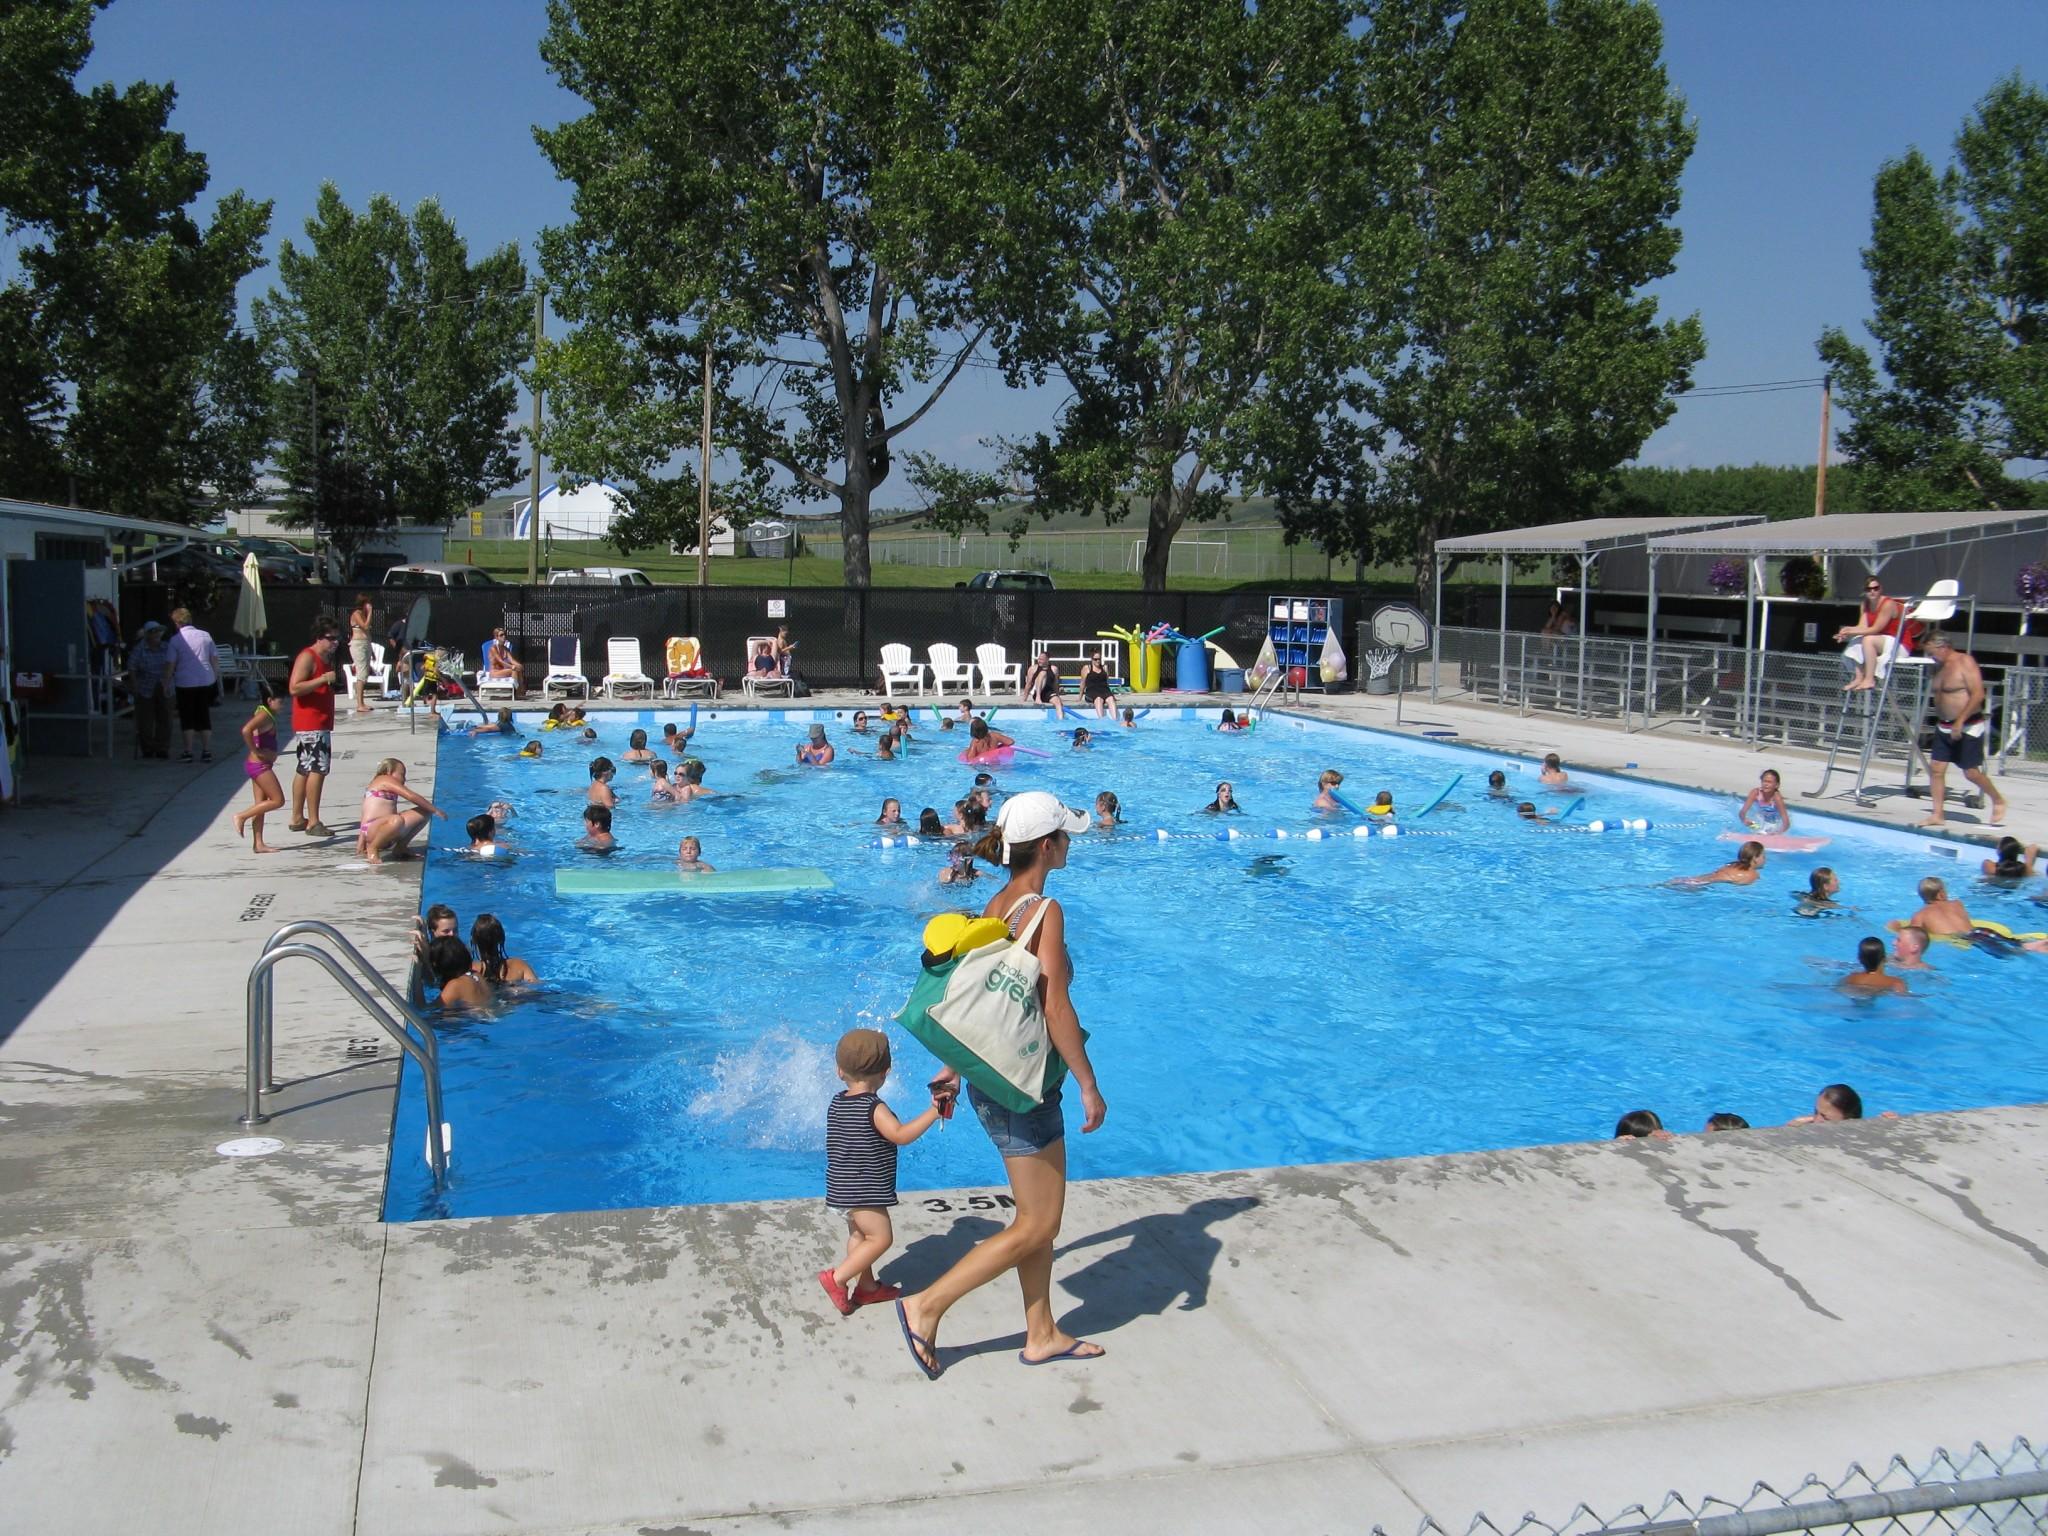 Pool dr lander memorial swimming pool turner valley for Memorial park swimming pool hours